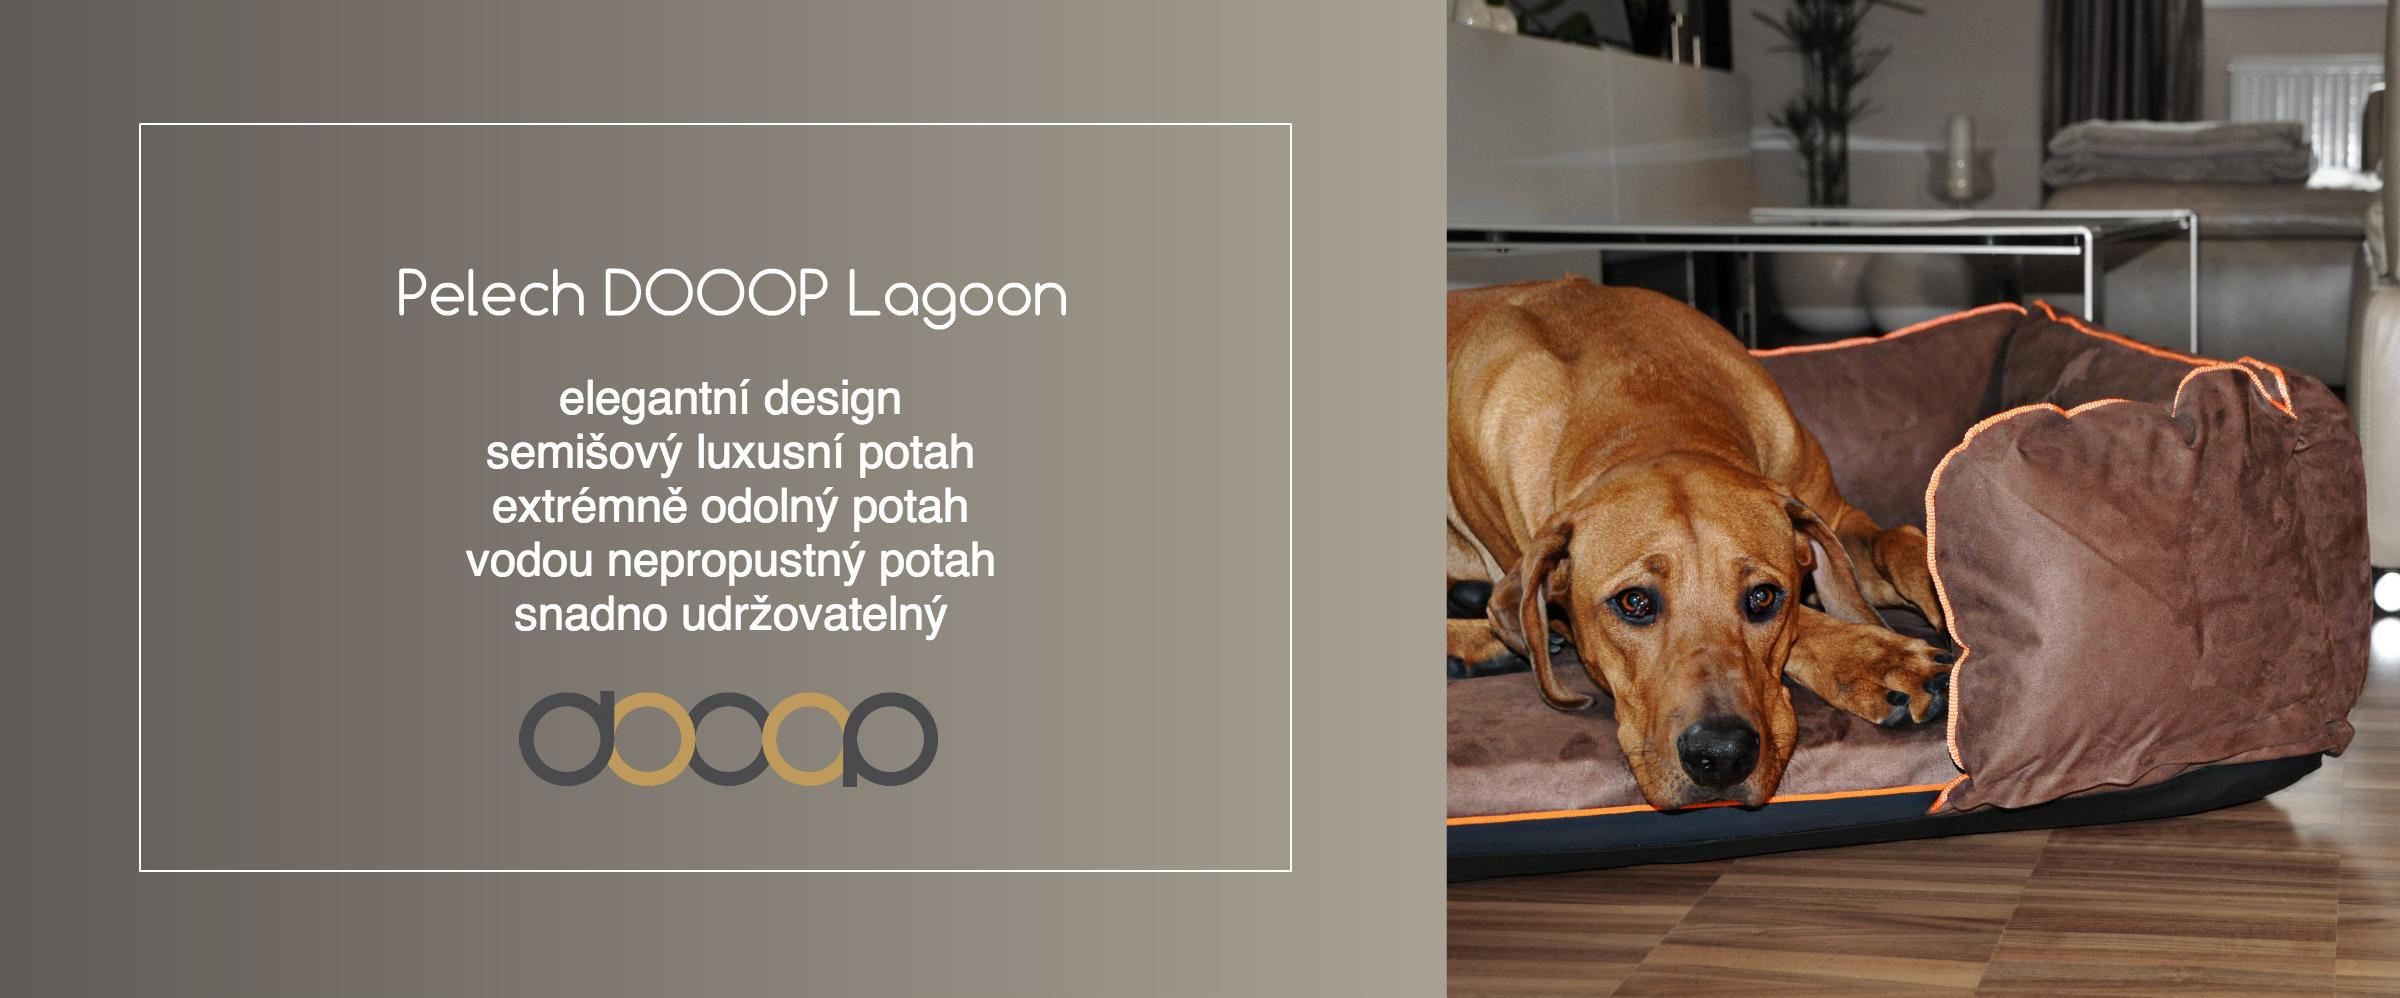 luxusni-designove-odolne-pelechy-dooop-lagoon-extrem-pro-psy